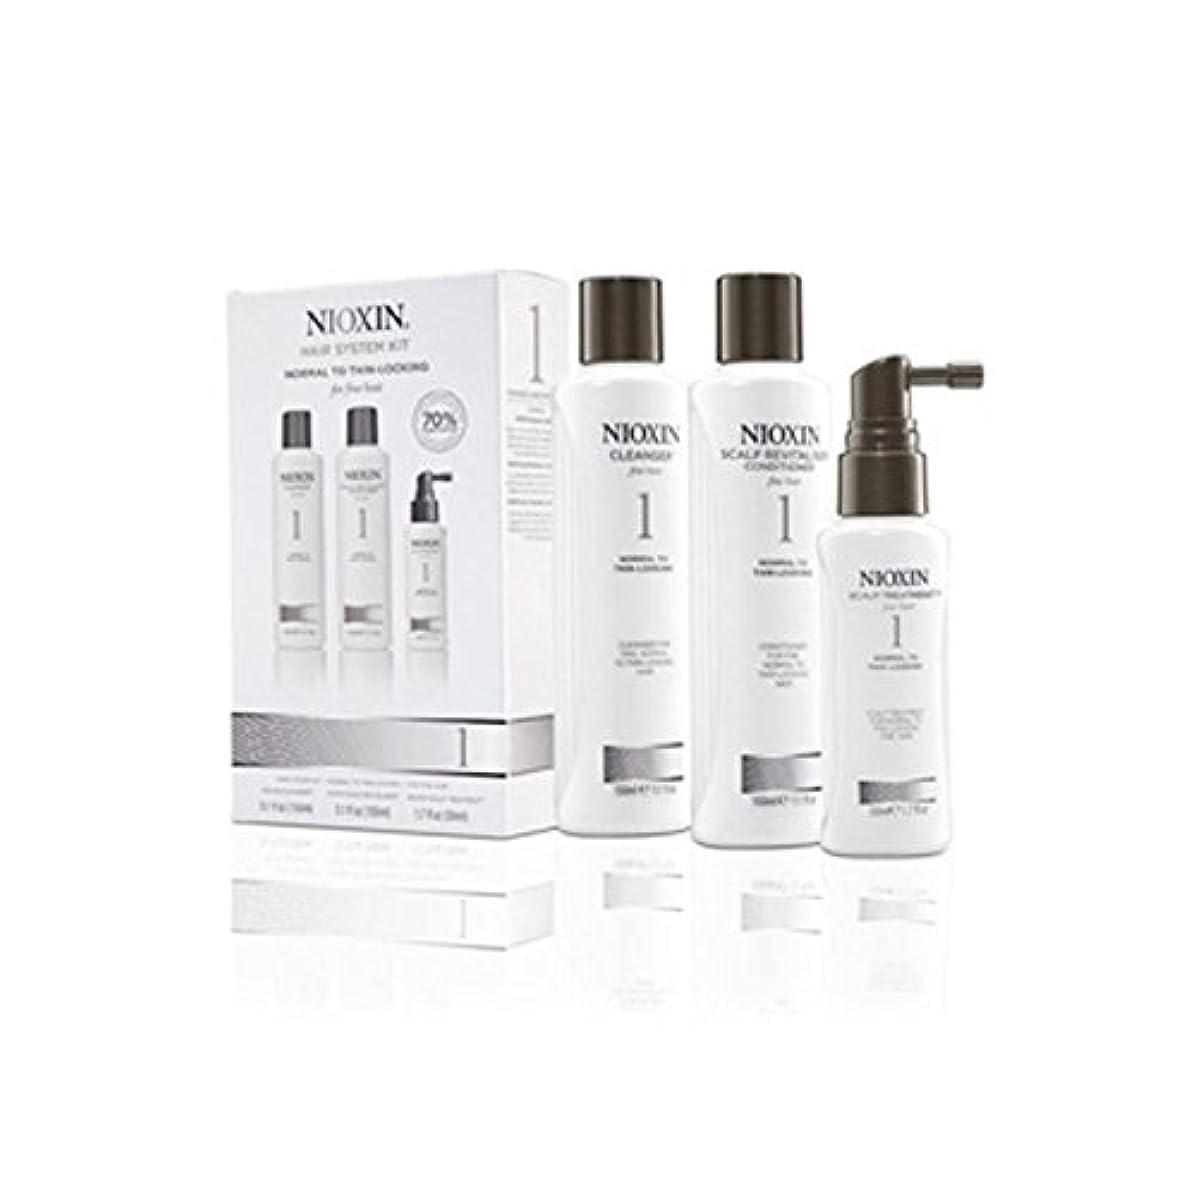 悪夢ルート抜本的なNioxin Hair System Kit 1 For Normal To Fine Natural Hair (3 Products) - 細かい自然な髪への通常のためニオキシンヘアシステムキット1(3製品) [並行輸入品]